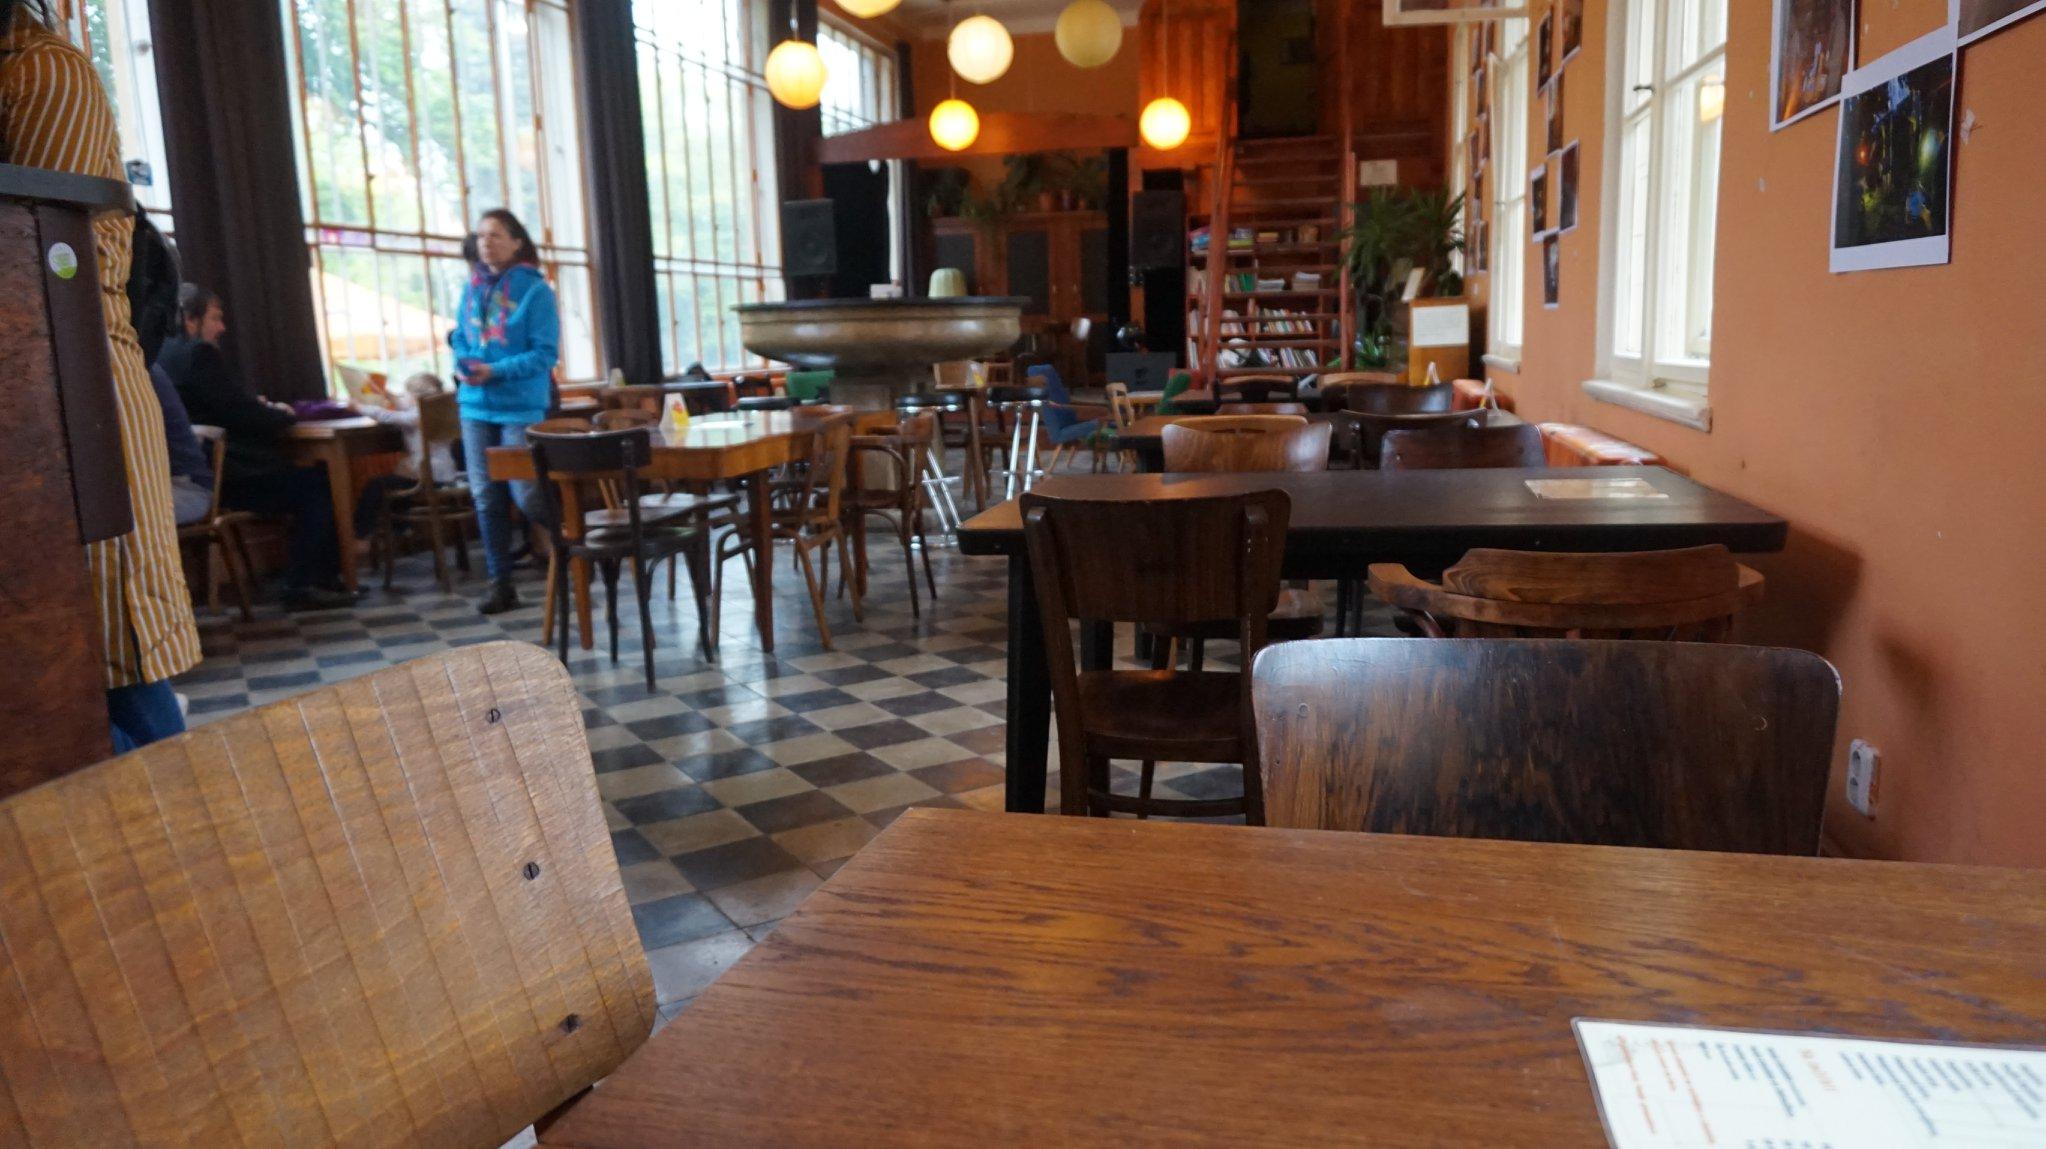 seznamka kavárna online datování v cincinnati oh